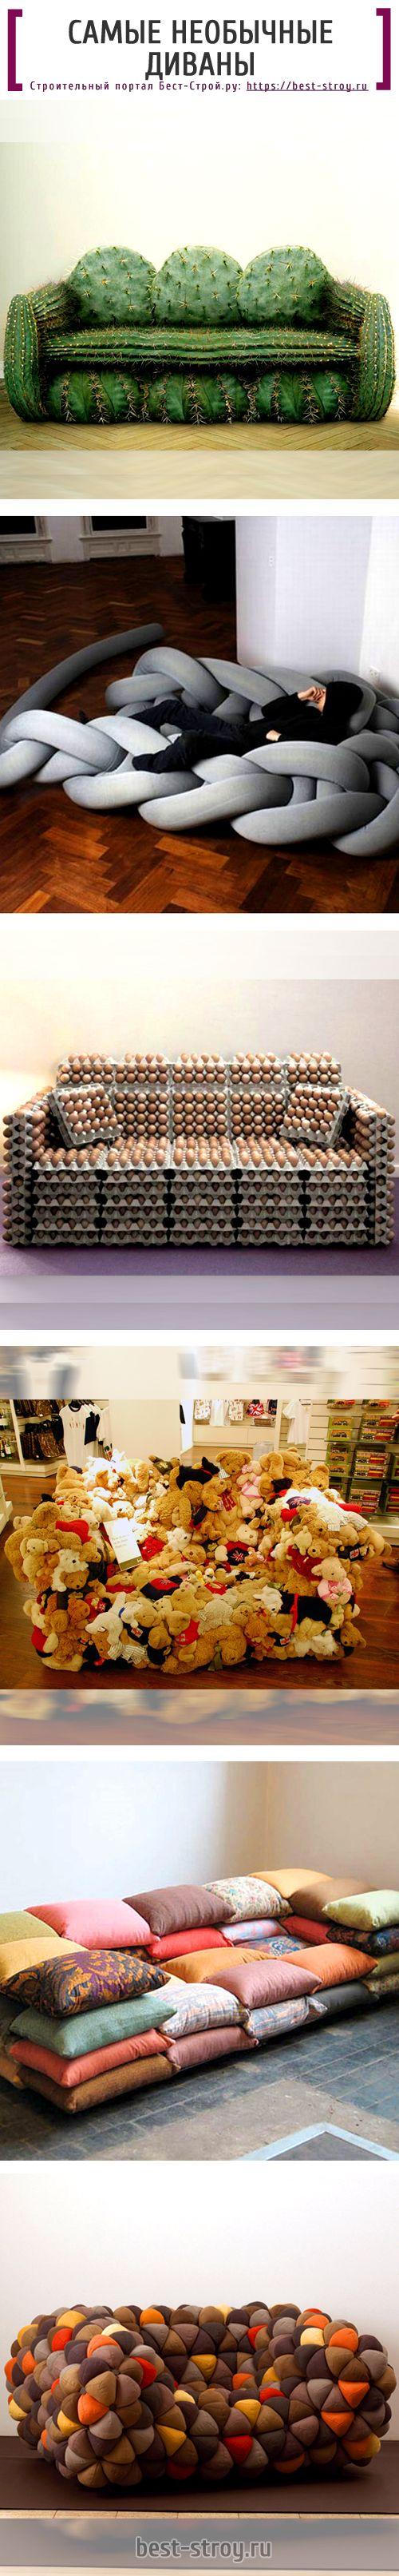 Самые необычные диваны для гостиной комнаты! Разрушьте границы и выплесните свои идеи наружу!